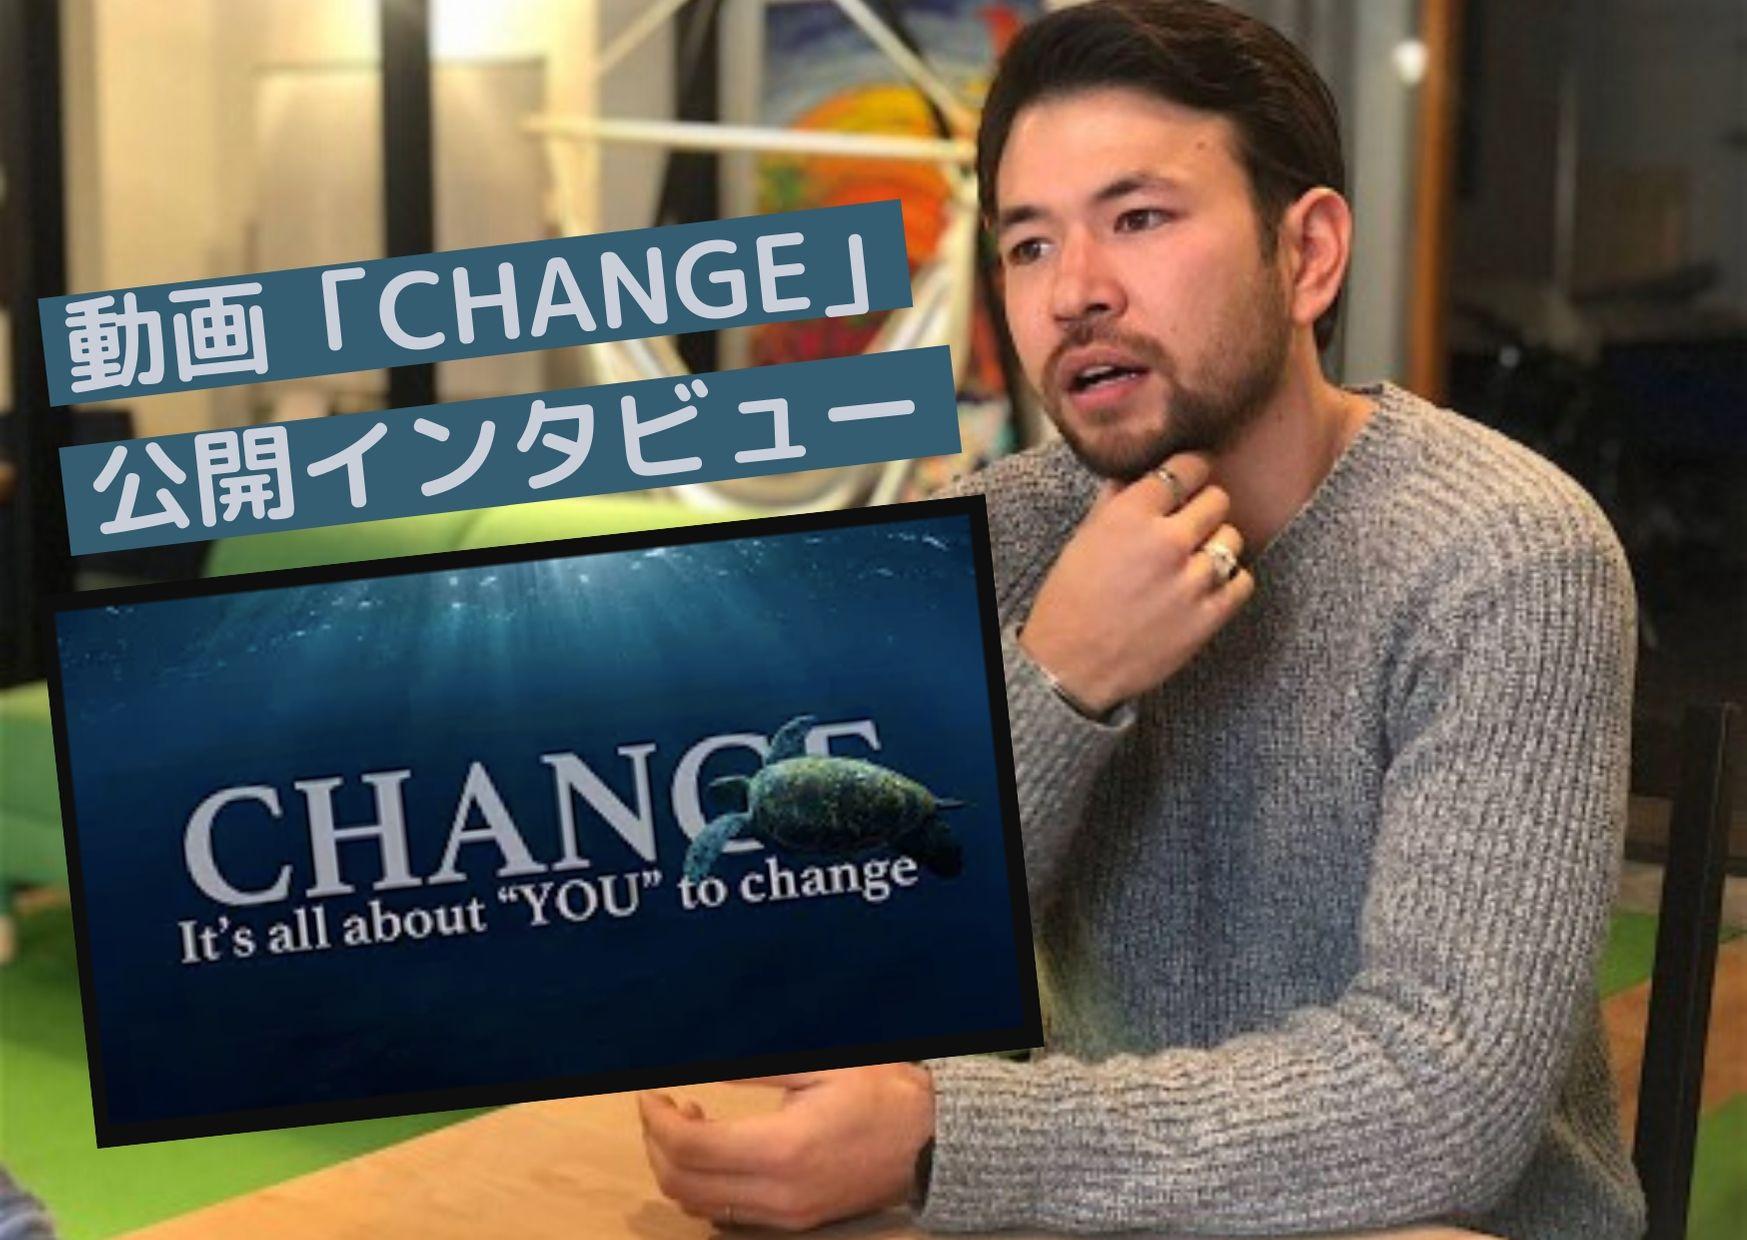 関戸紀倫さん、動画「Change」公開〜自然環境に目を向けるきっかけに〜